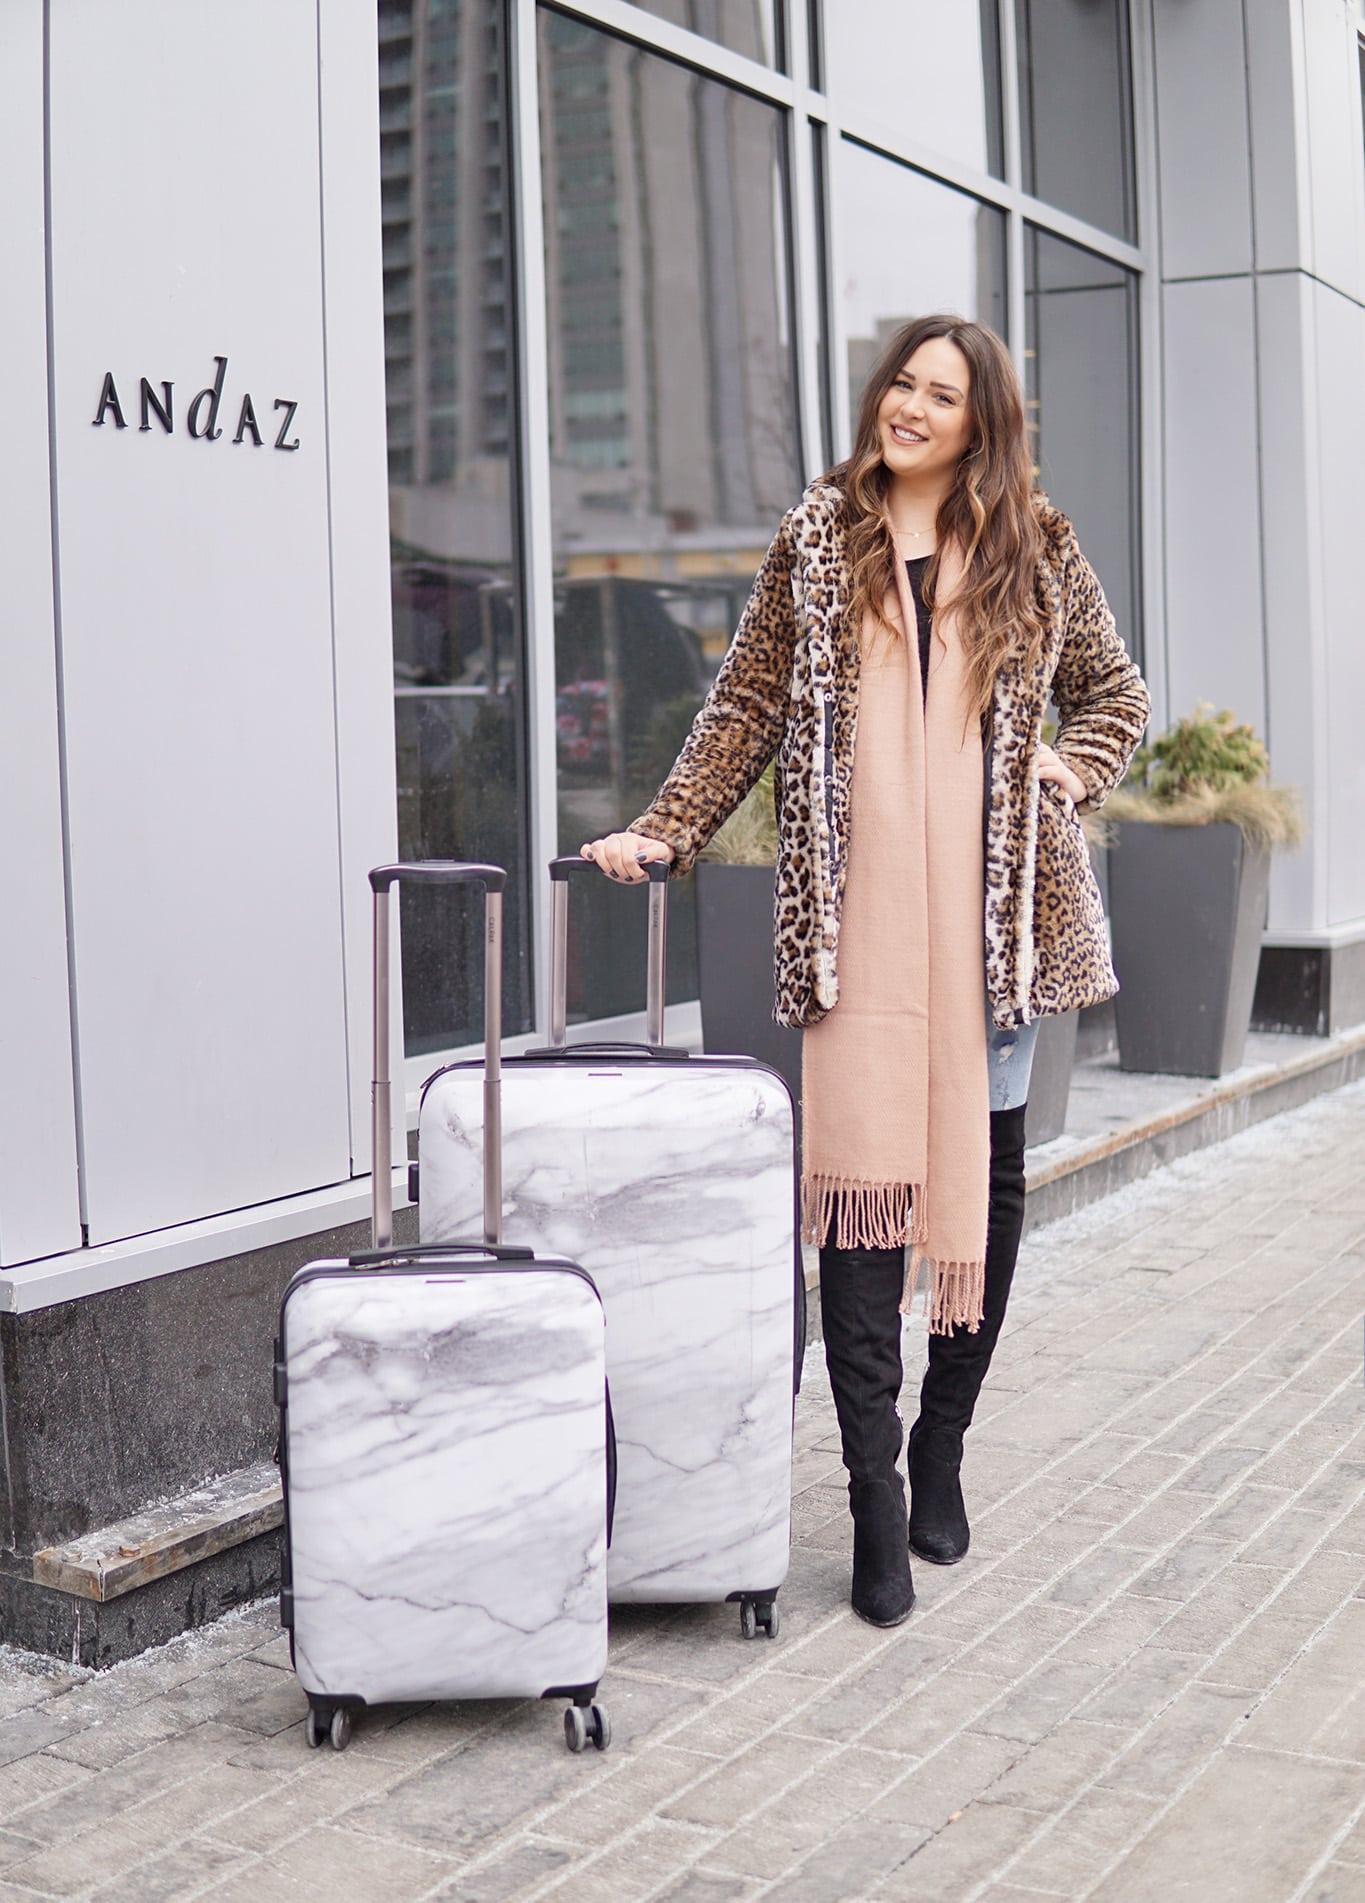 leopard print jacket outfit idea beauty blogger Mash Elle marble print suitcase Andaz